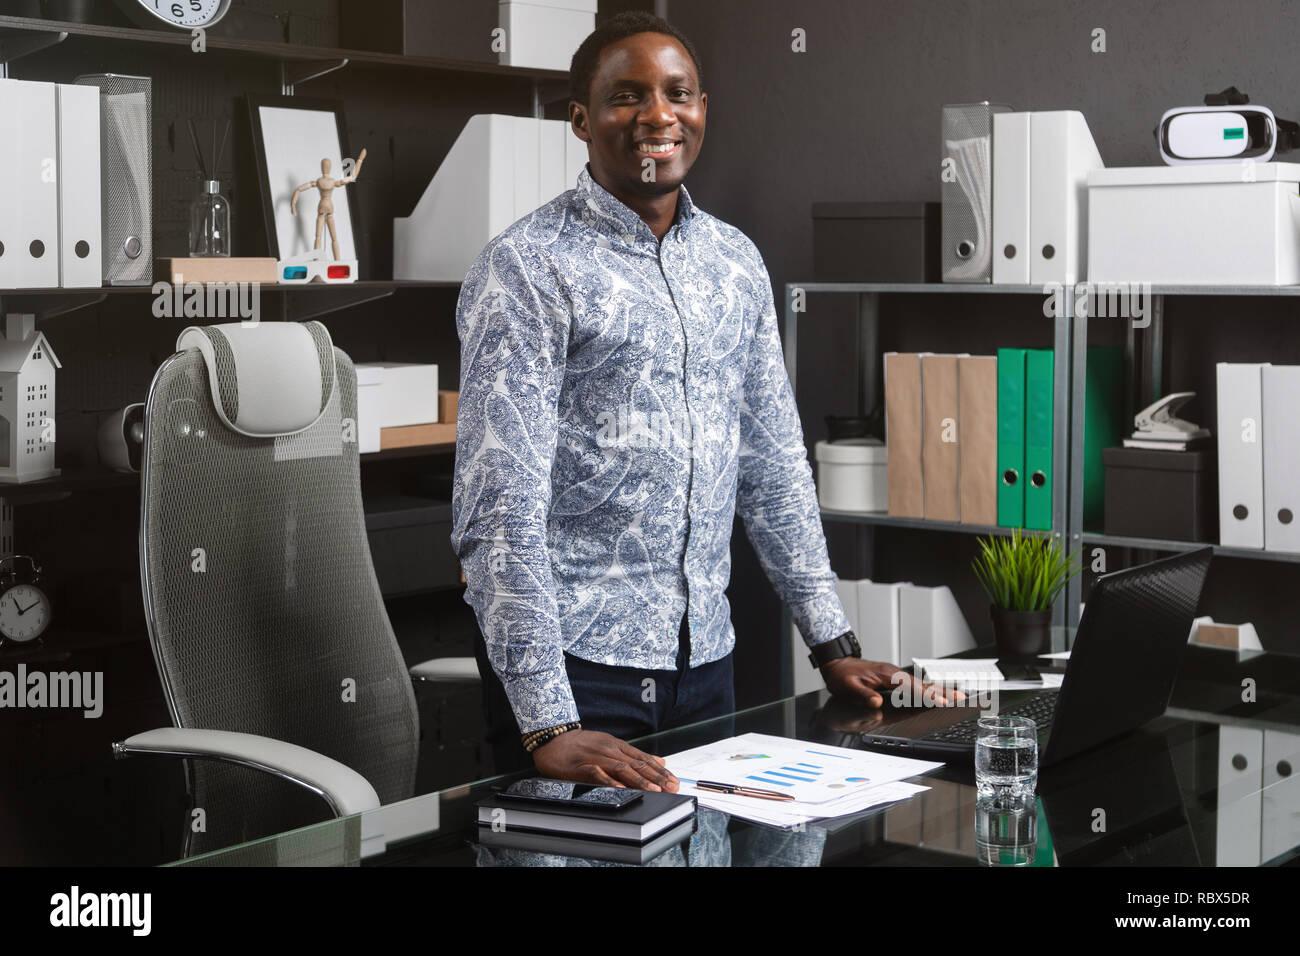 Portrait de trois-quarts de temps young black man Desk in office Photo Stock